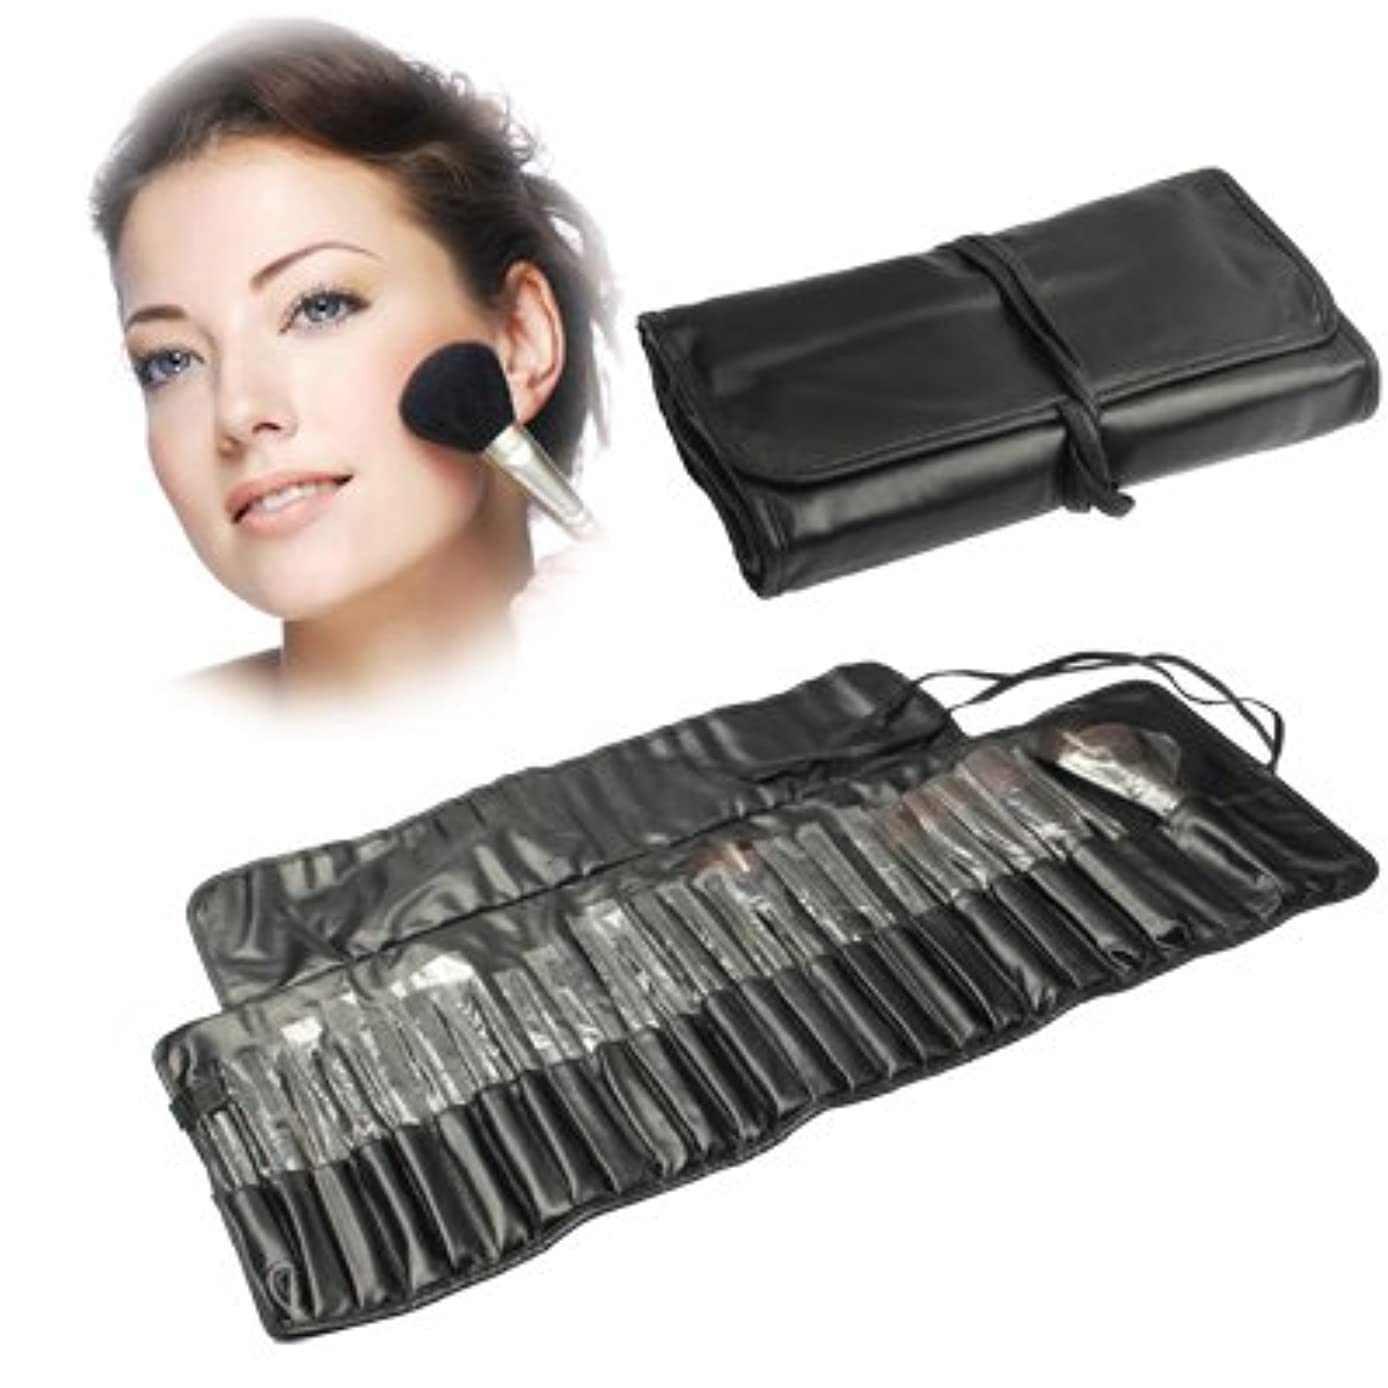 罪人協会下にMEI1JIA QUELLIAプロフェッショナル25pcsメイクブラシセット美容キット化粧品+ PUレザーキャリングケース(ブラック)